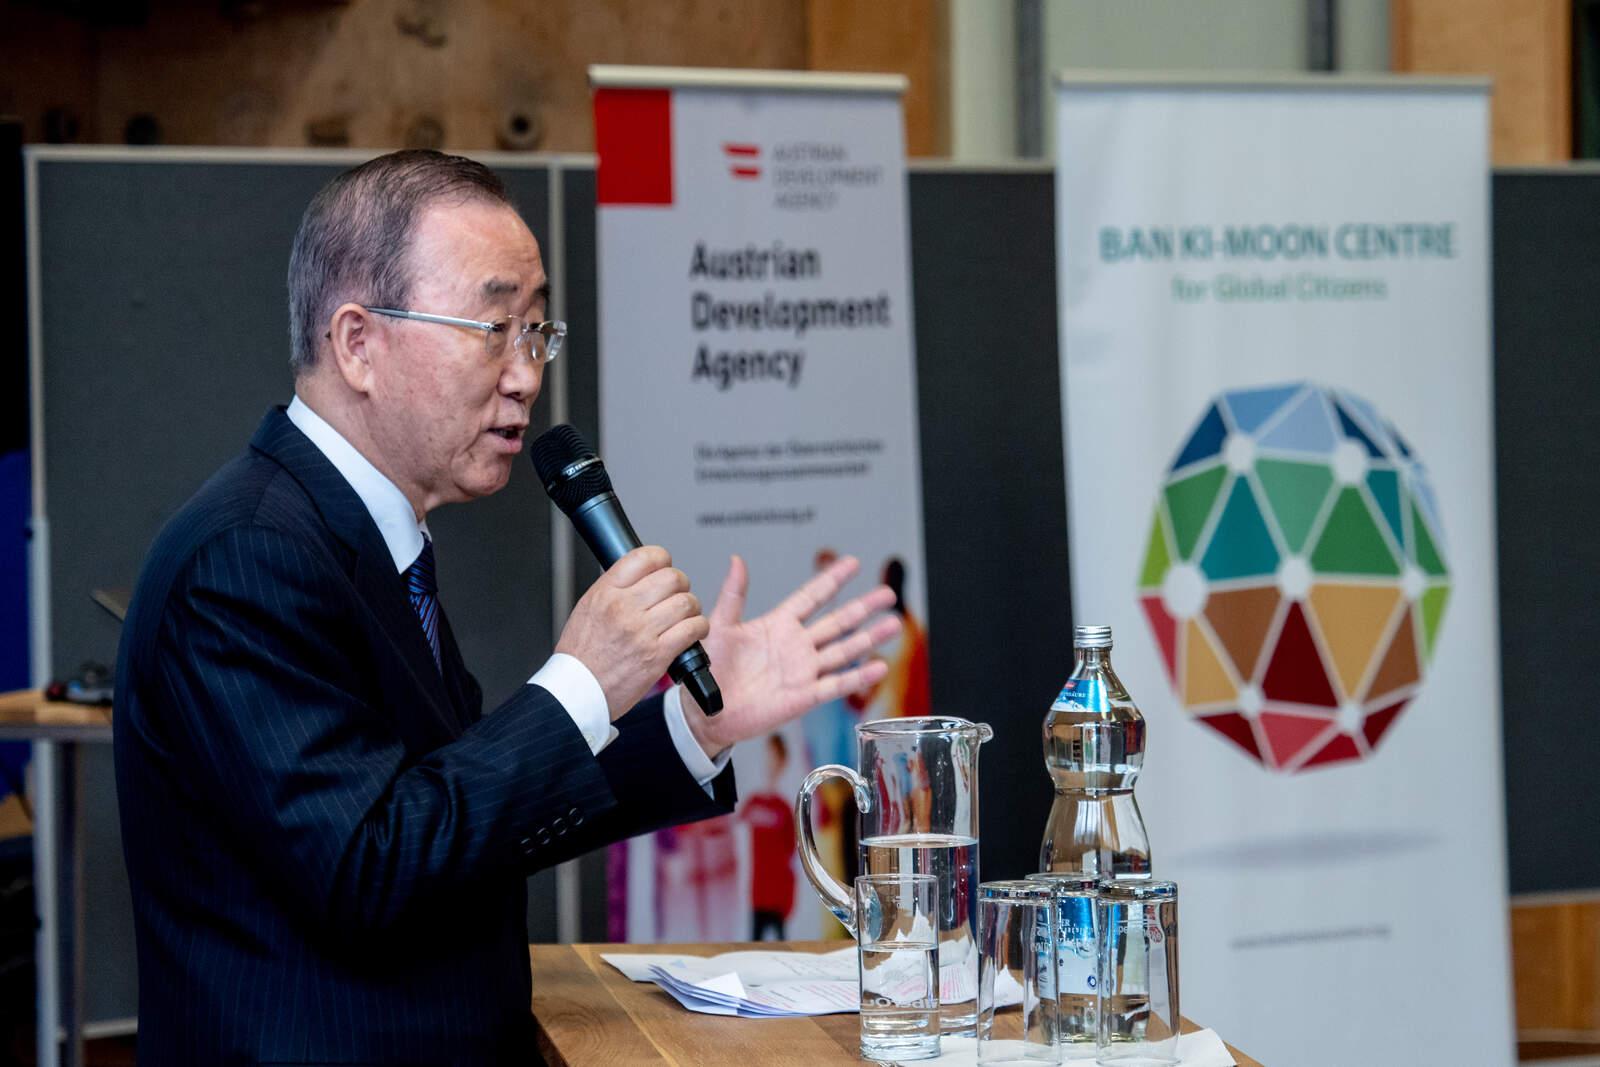 L'exsecretari general de l'ONU, Ban Ki-moon